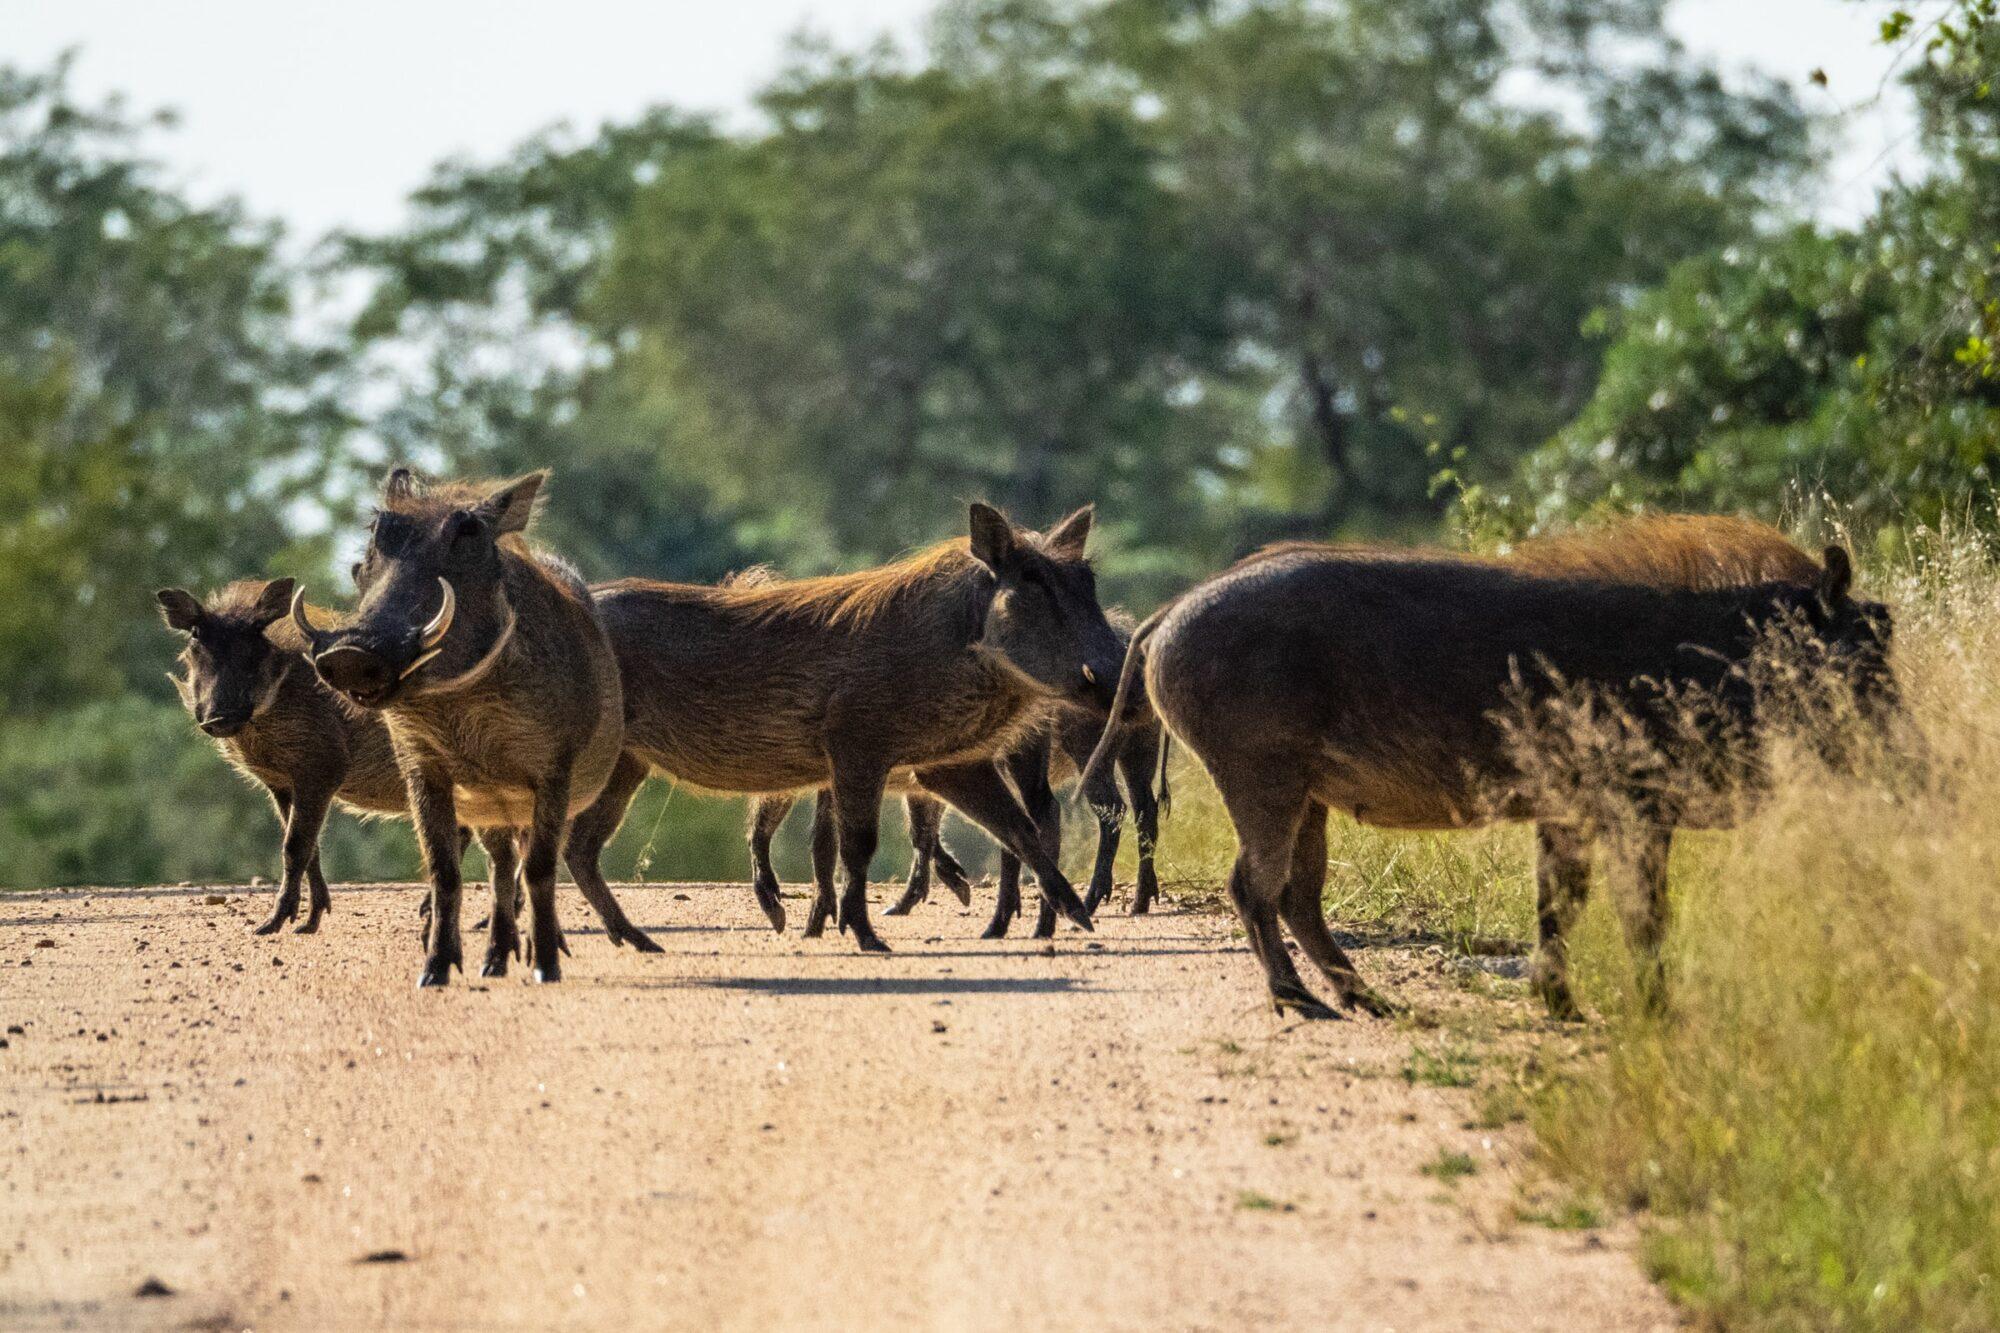 Dienas prieks: Mežu dzīvnieki organizēti šķērso ceļu pilsētā